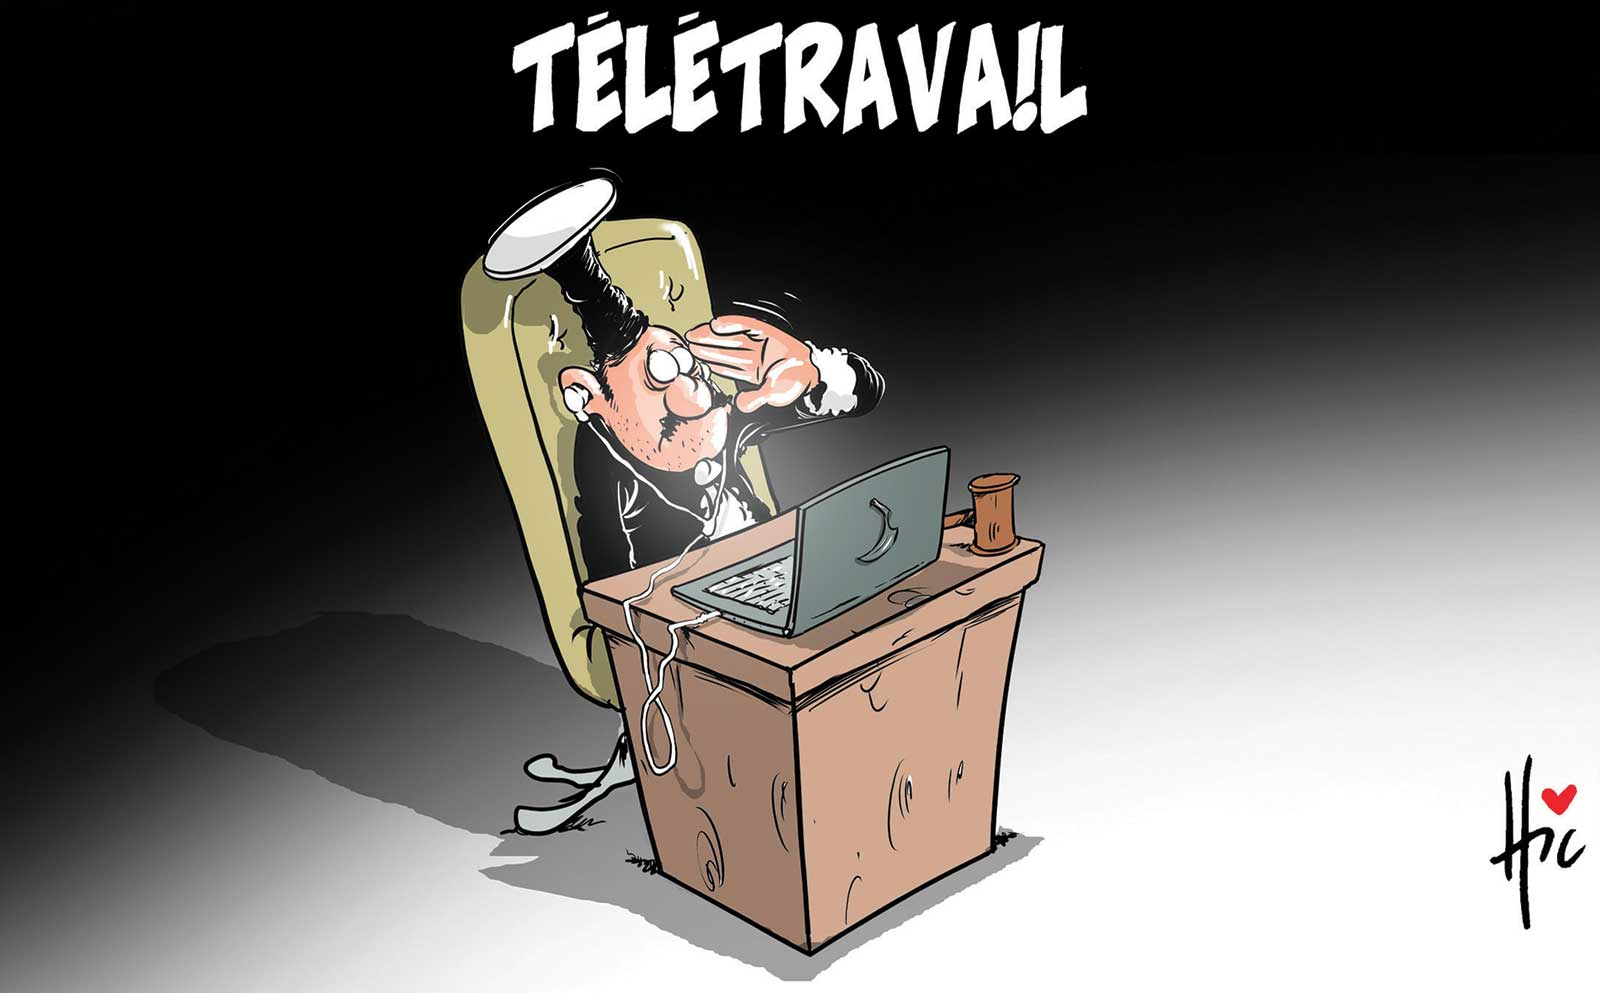 Télétravail des juges en Algérie - corruption - Gagdz.com